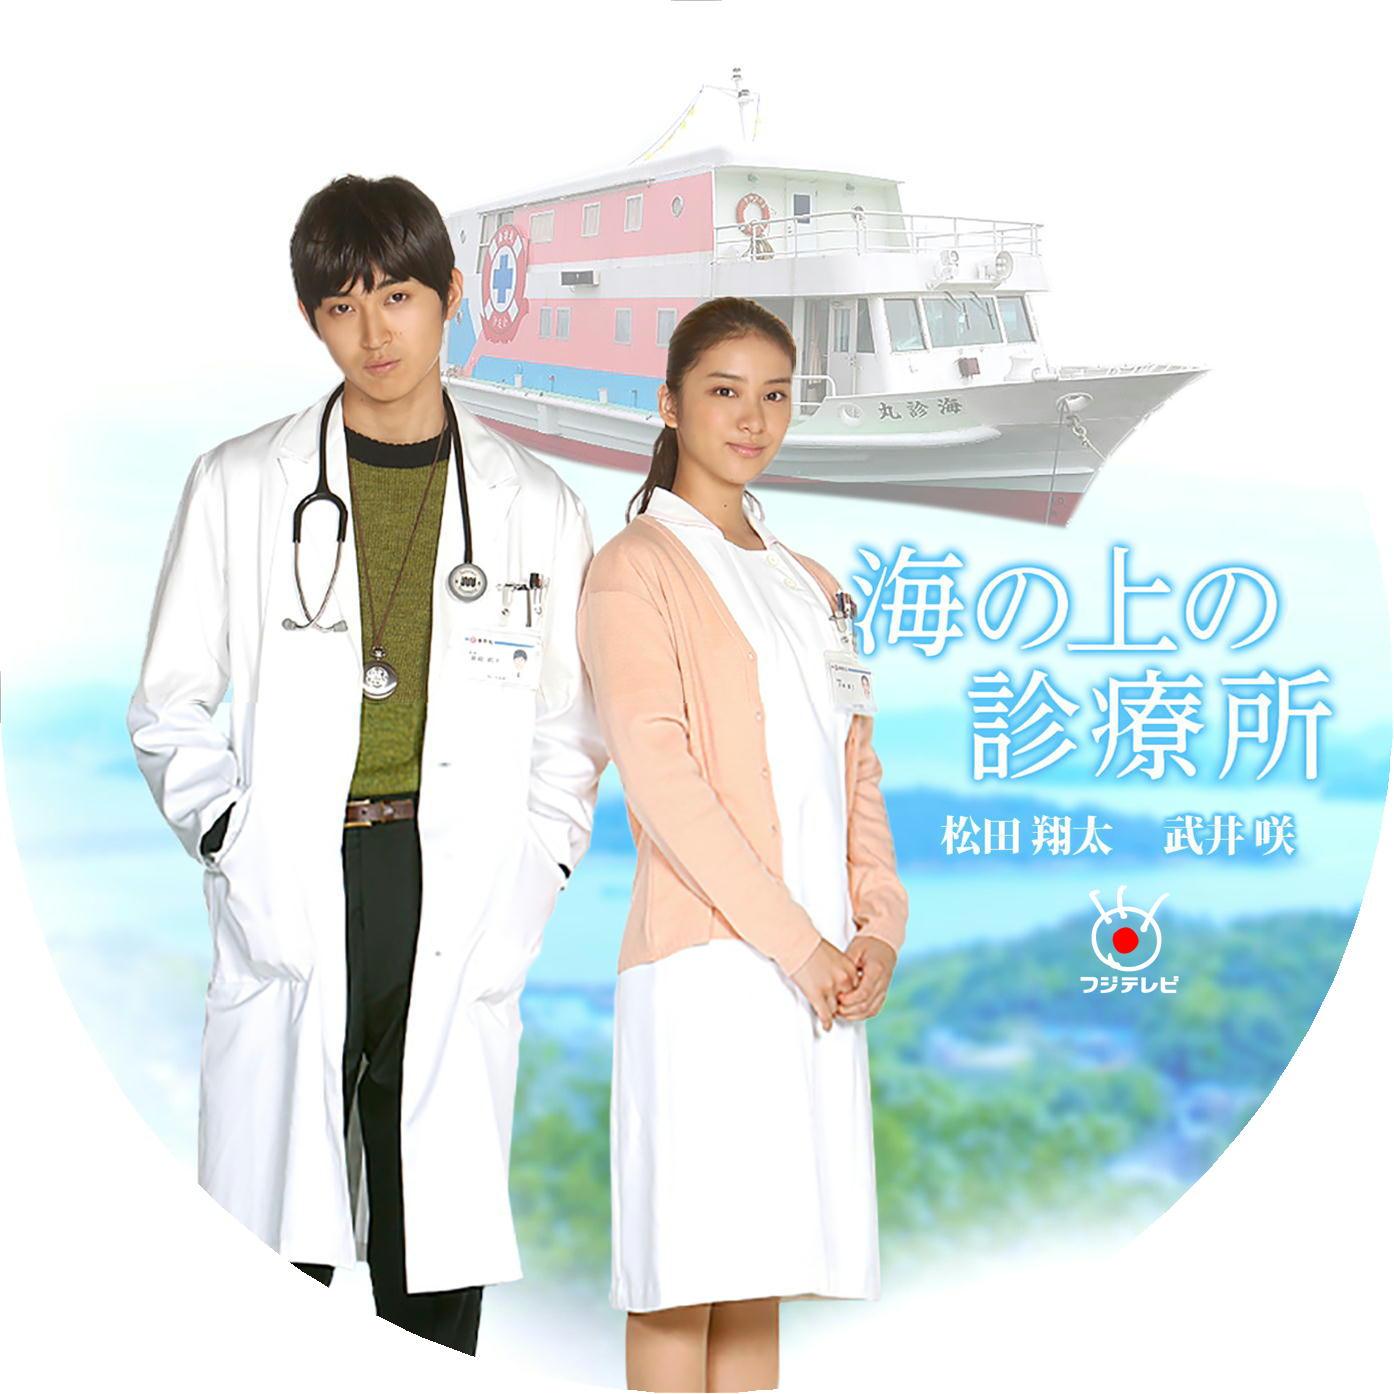 海の上の診療所 DVDラベル